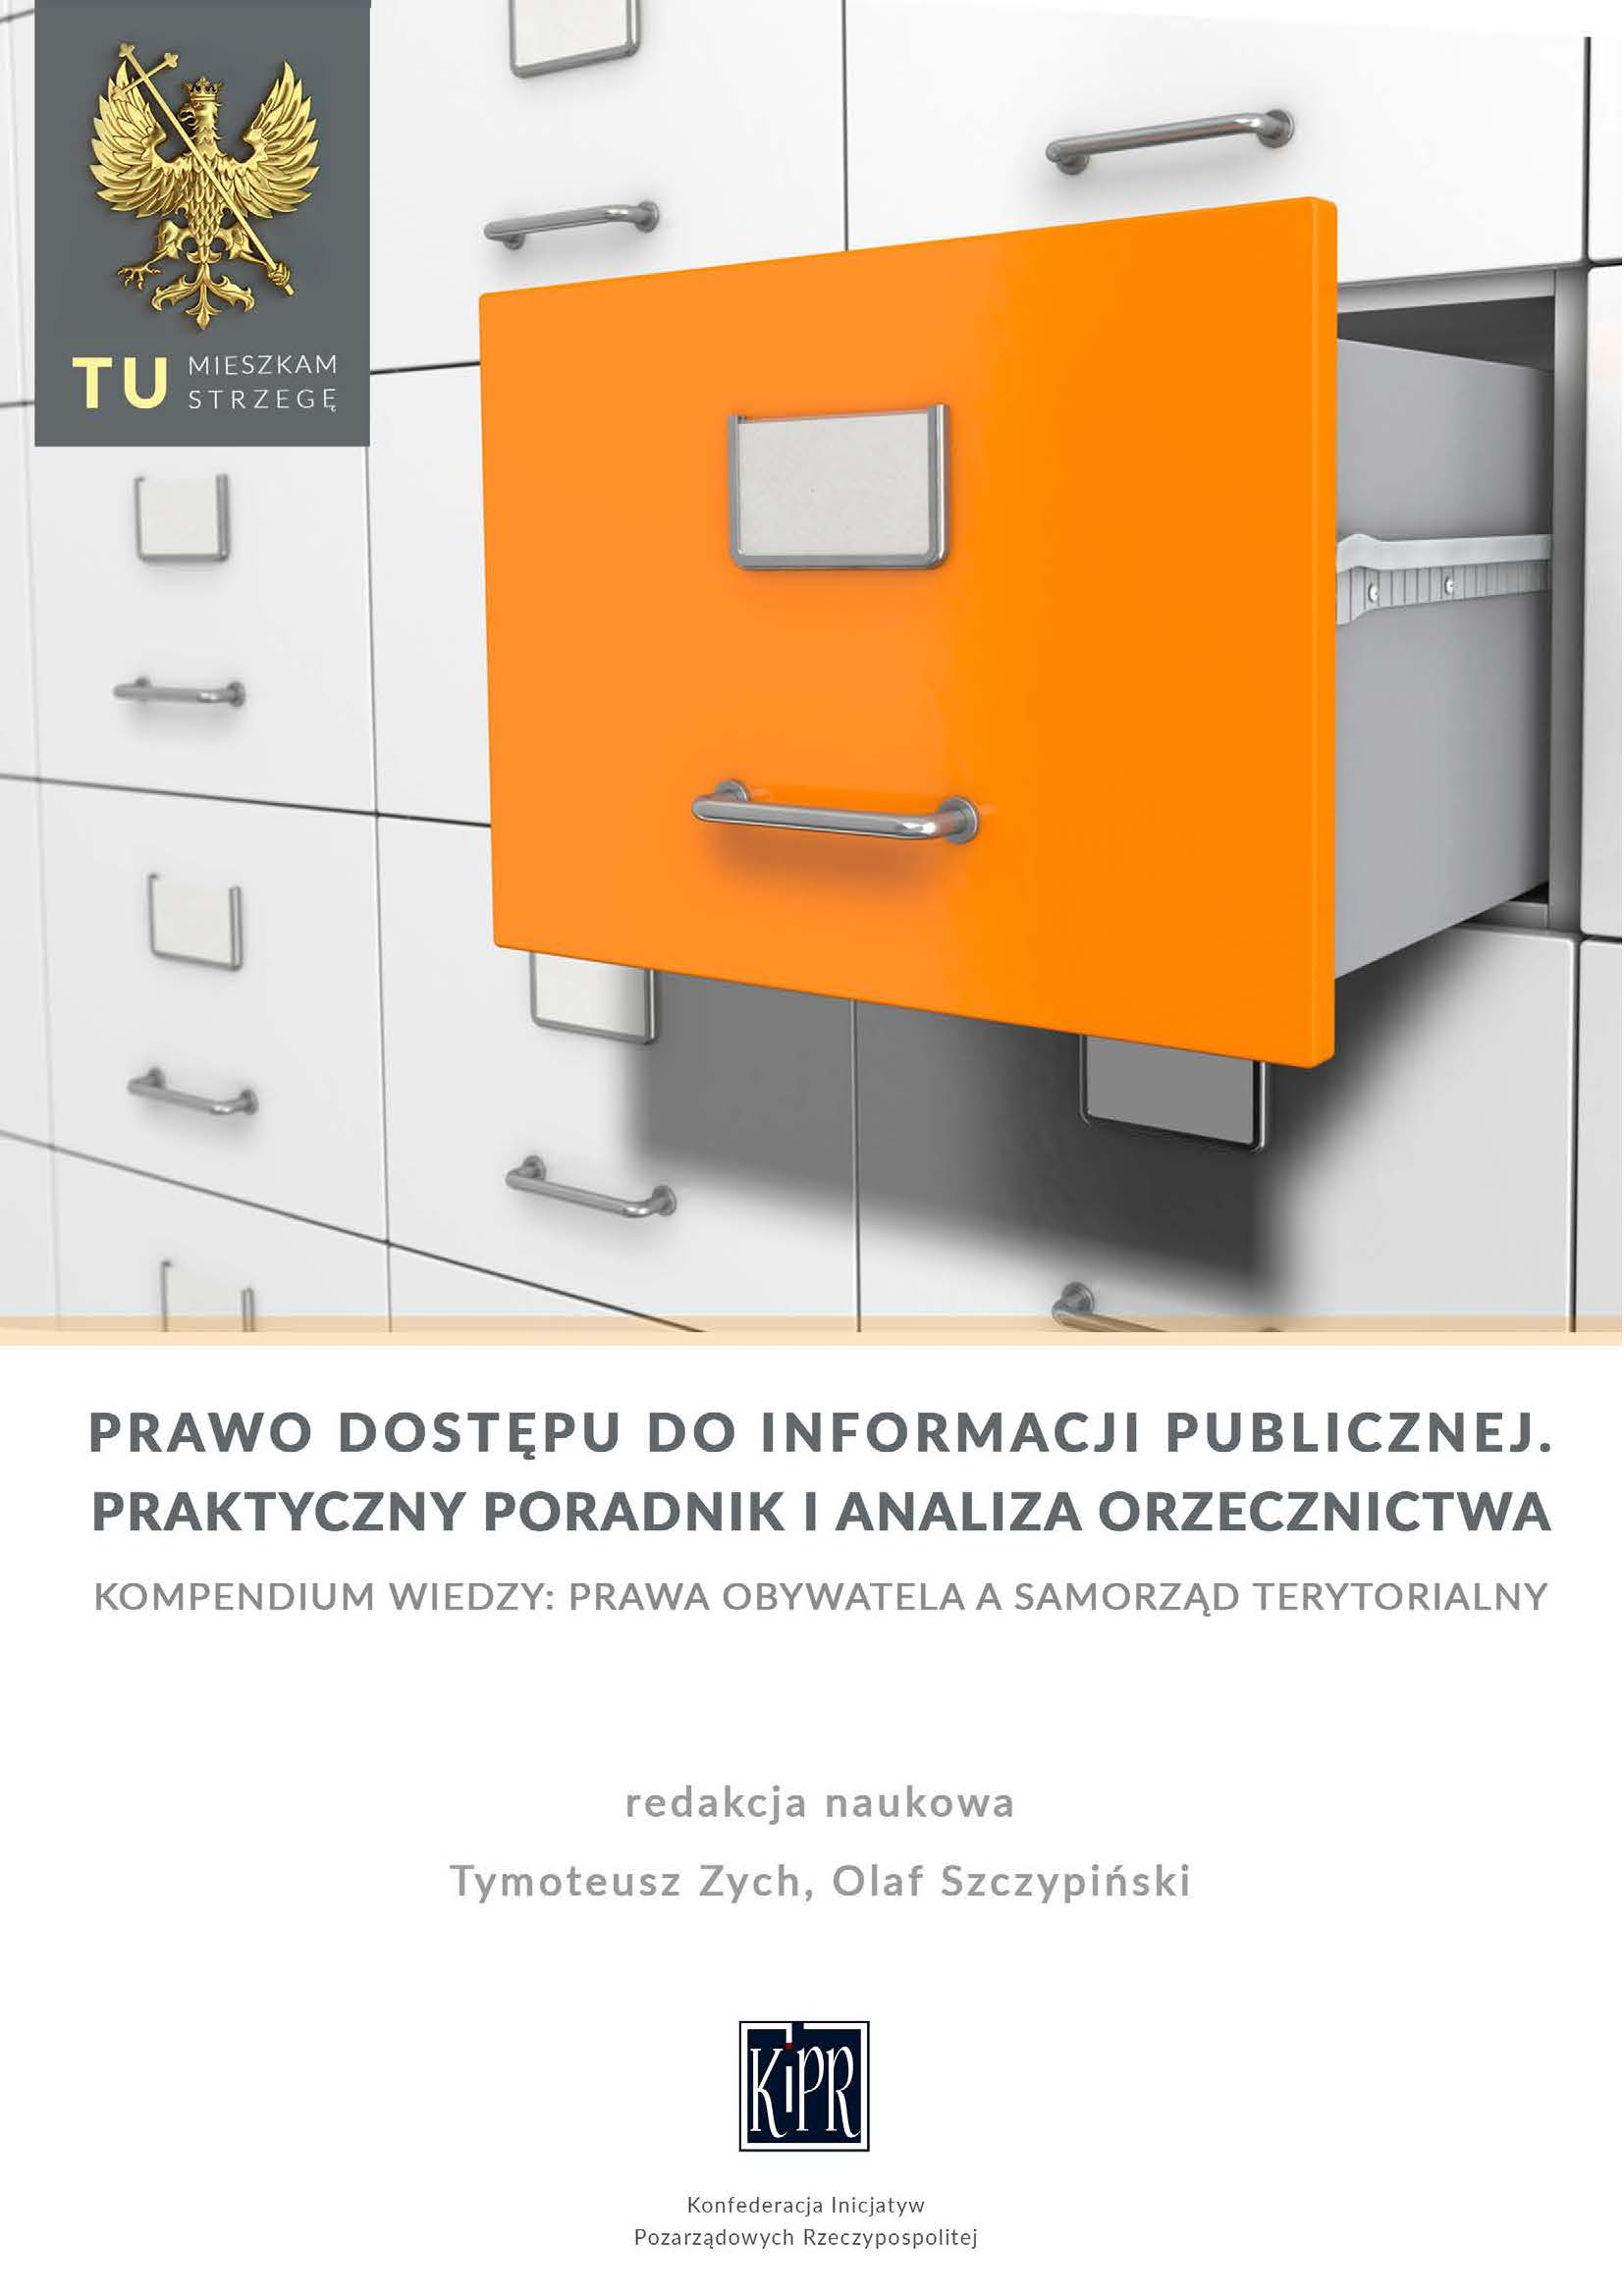 Prawo dostępu do informacji publicznej – praktyczny poradnik